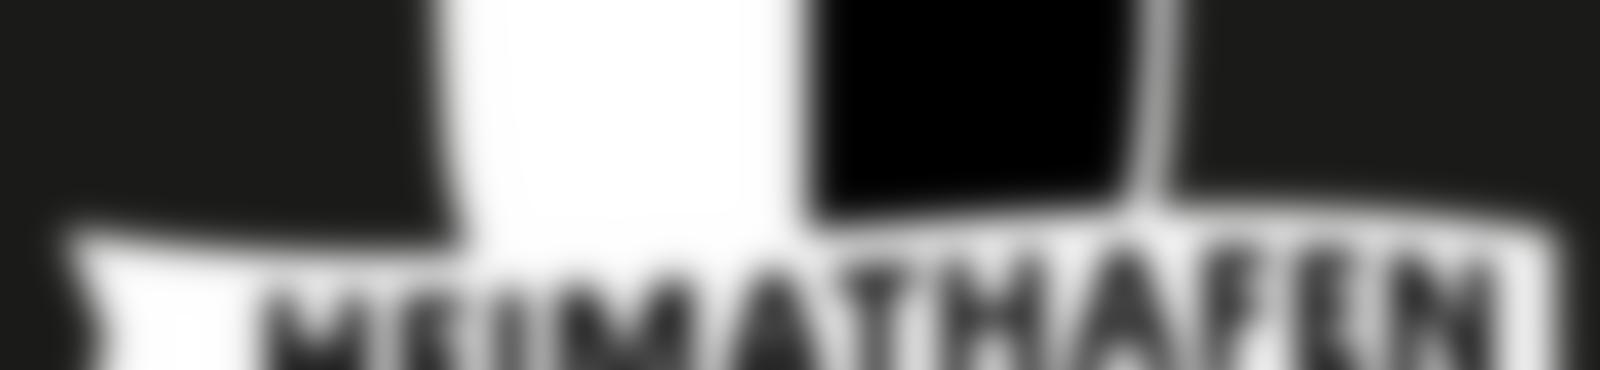 Blurred 5460ed6e 3d28 4768 9b6b f8f37c696025